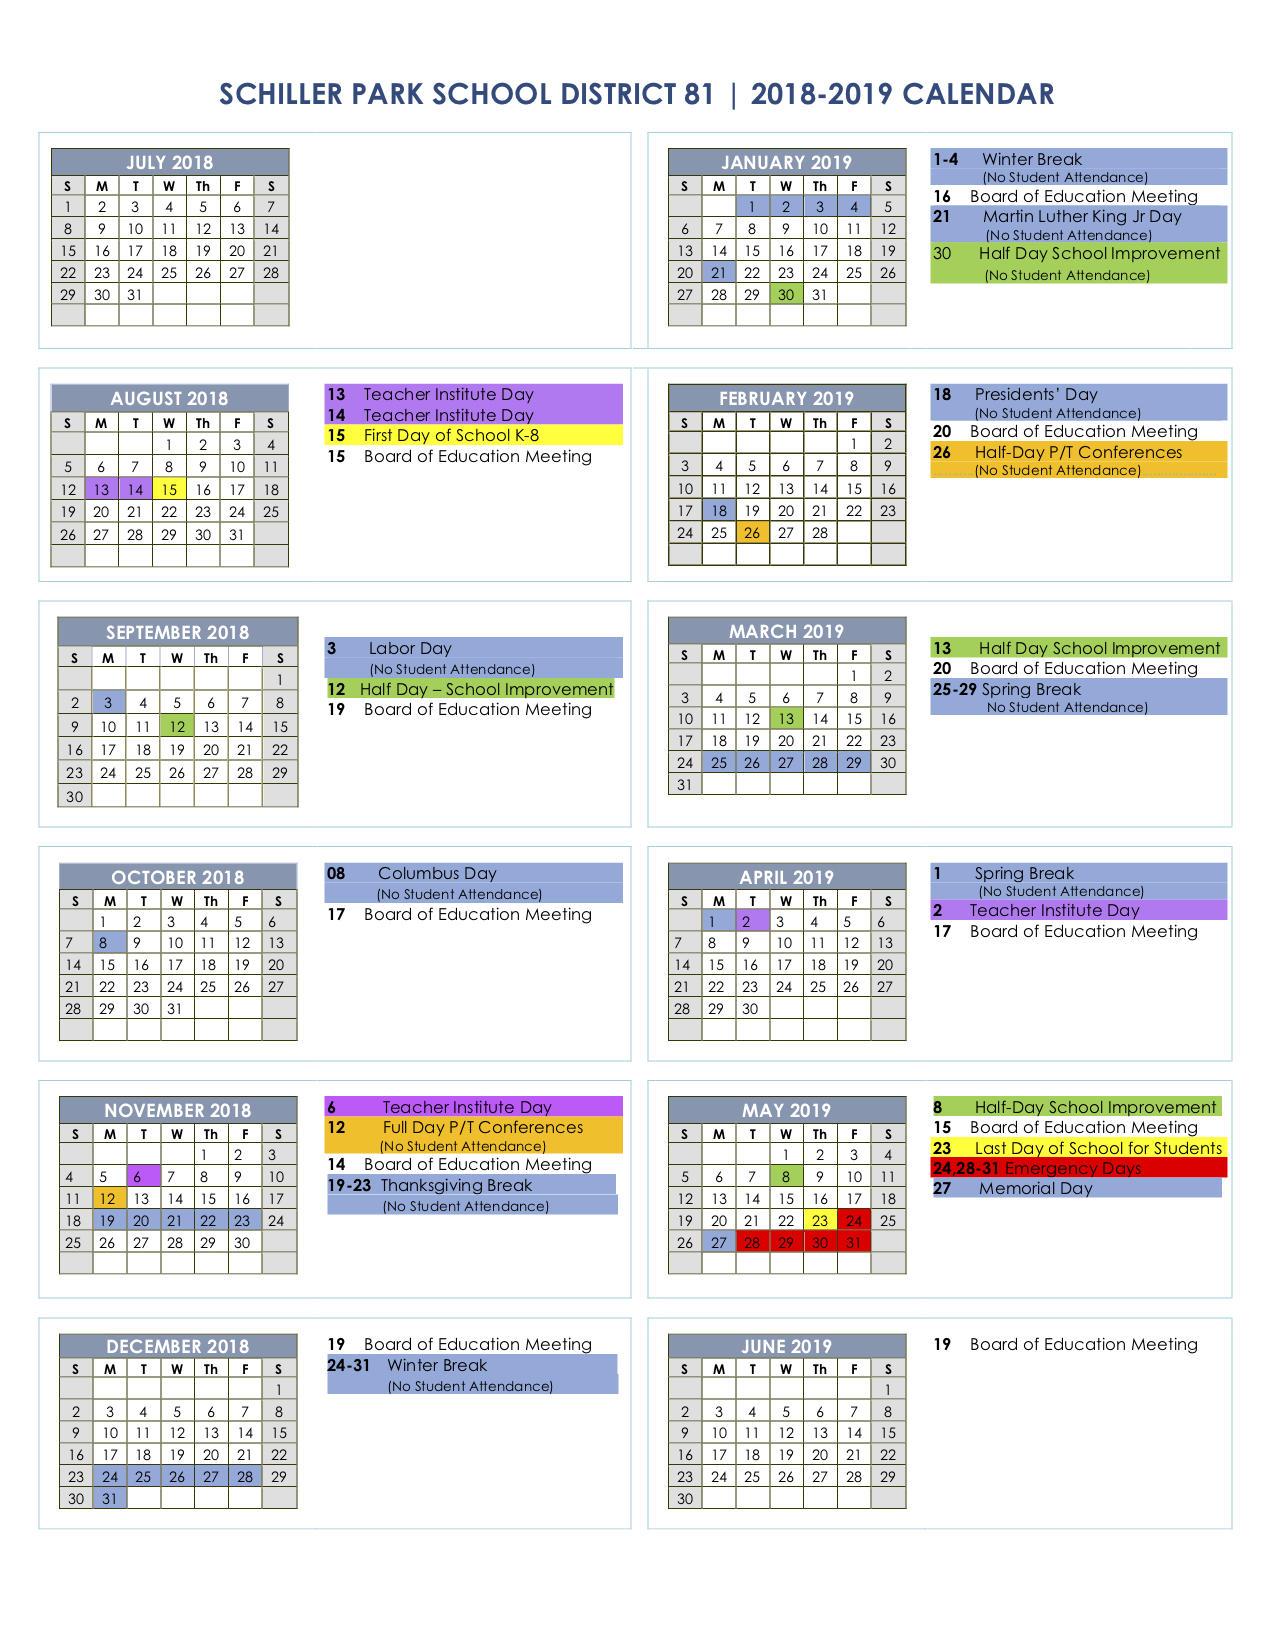 schiller parks 2017 2018 school calendar